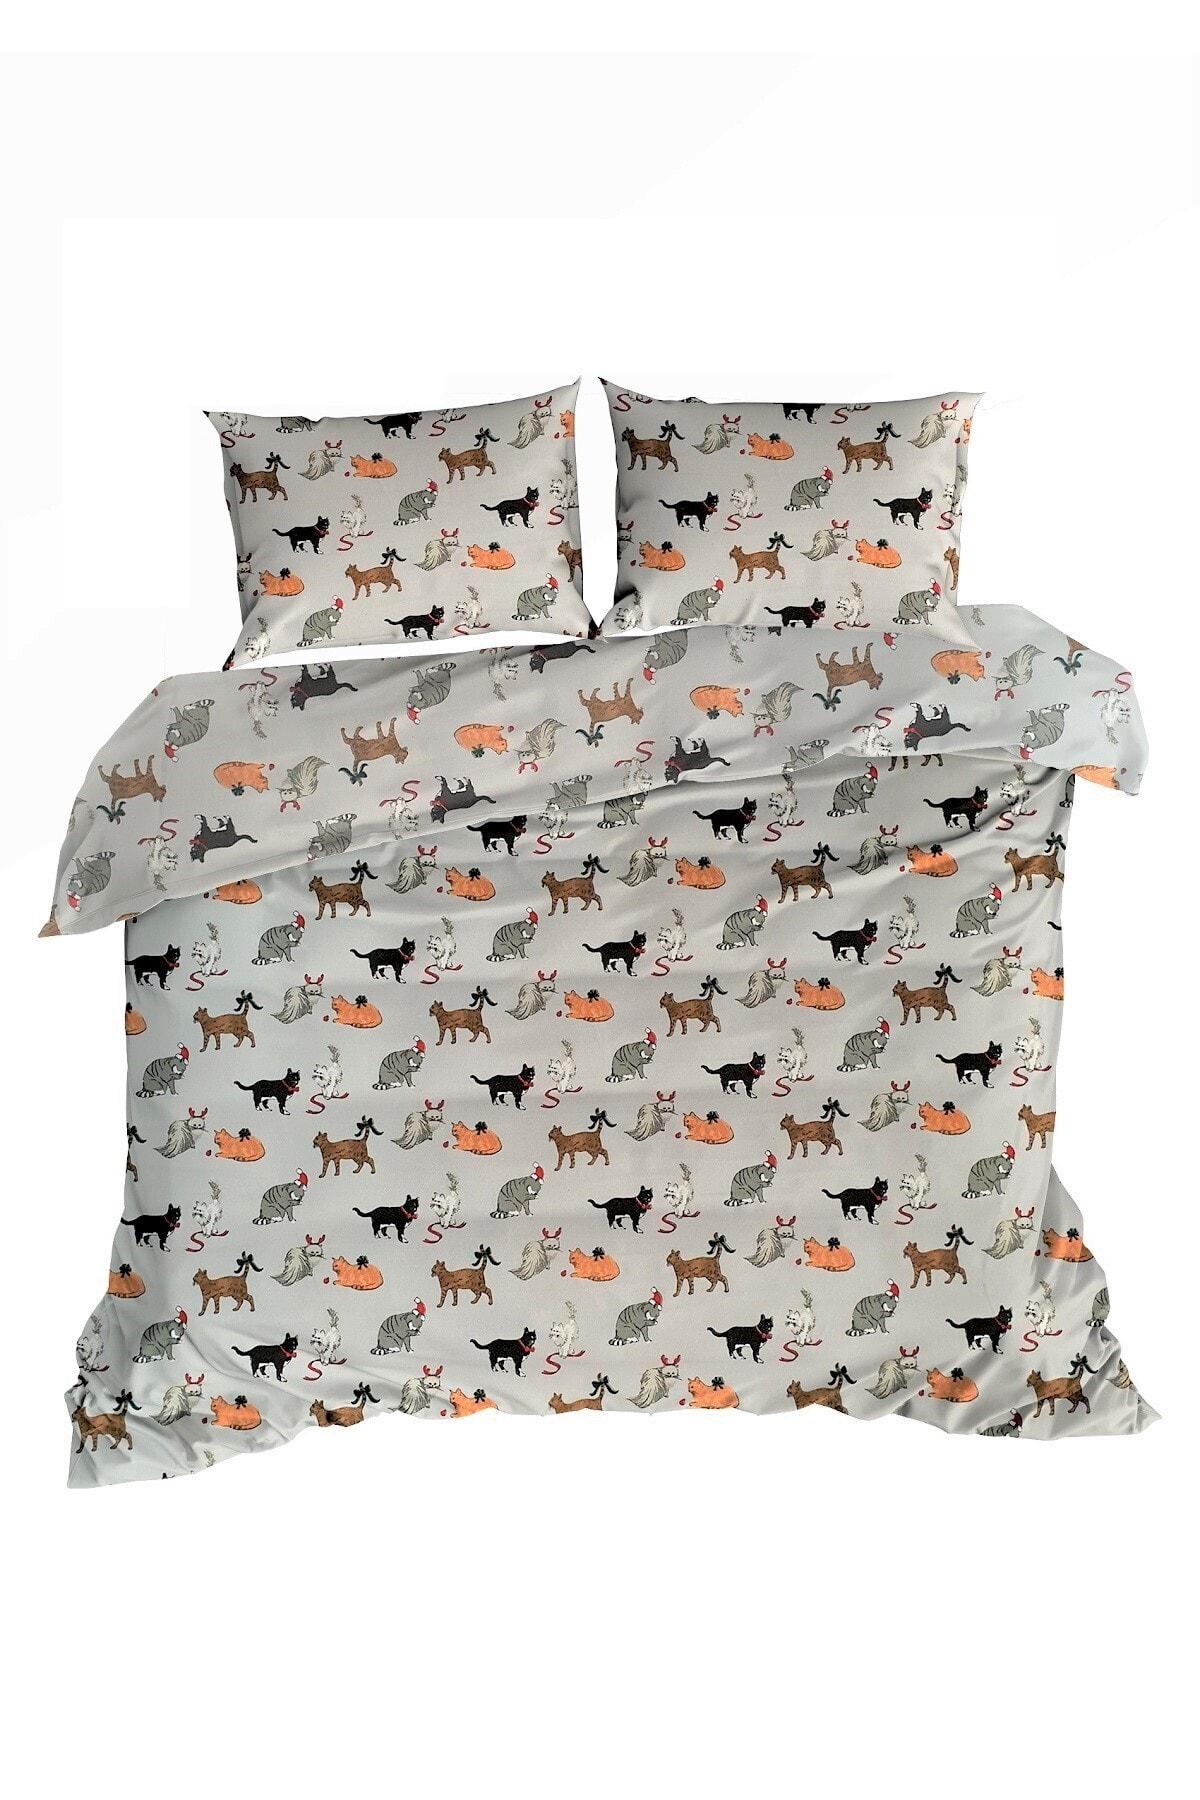 Maki Kediler Pamuk Flanel Pazen Çift Kişilik Nevresim ve 2 Yastık Kılıfı Seti  20 1